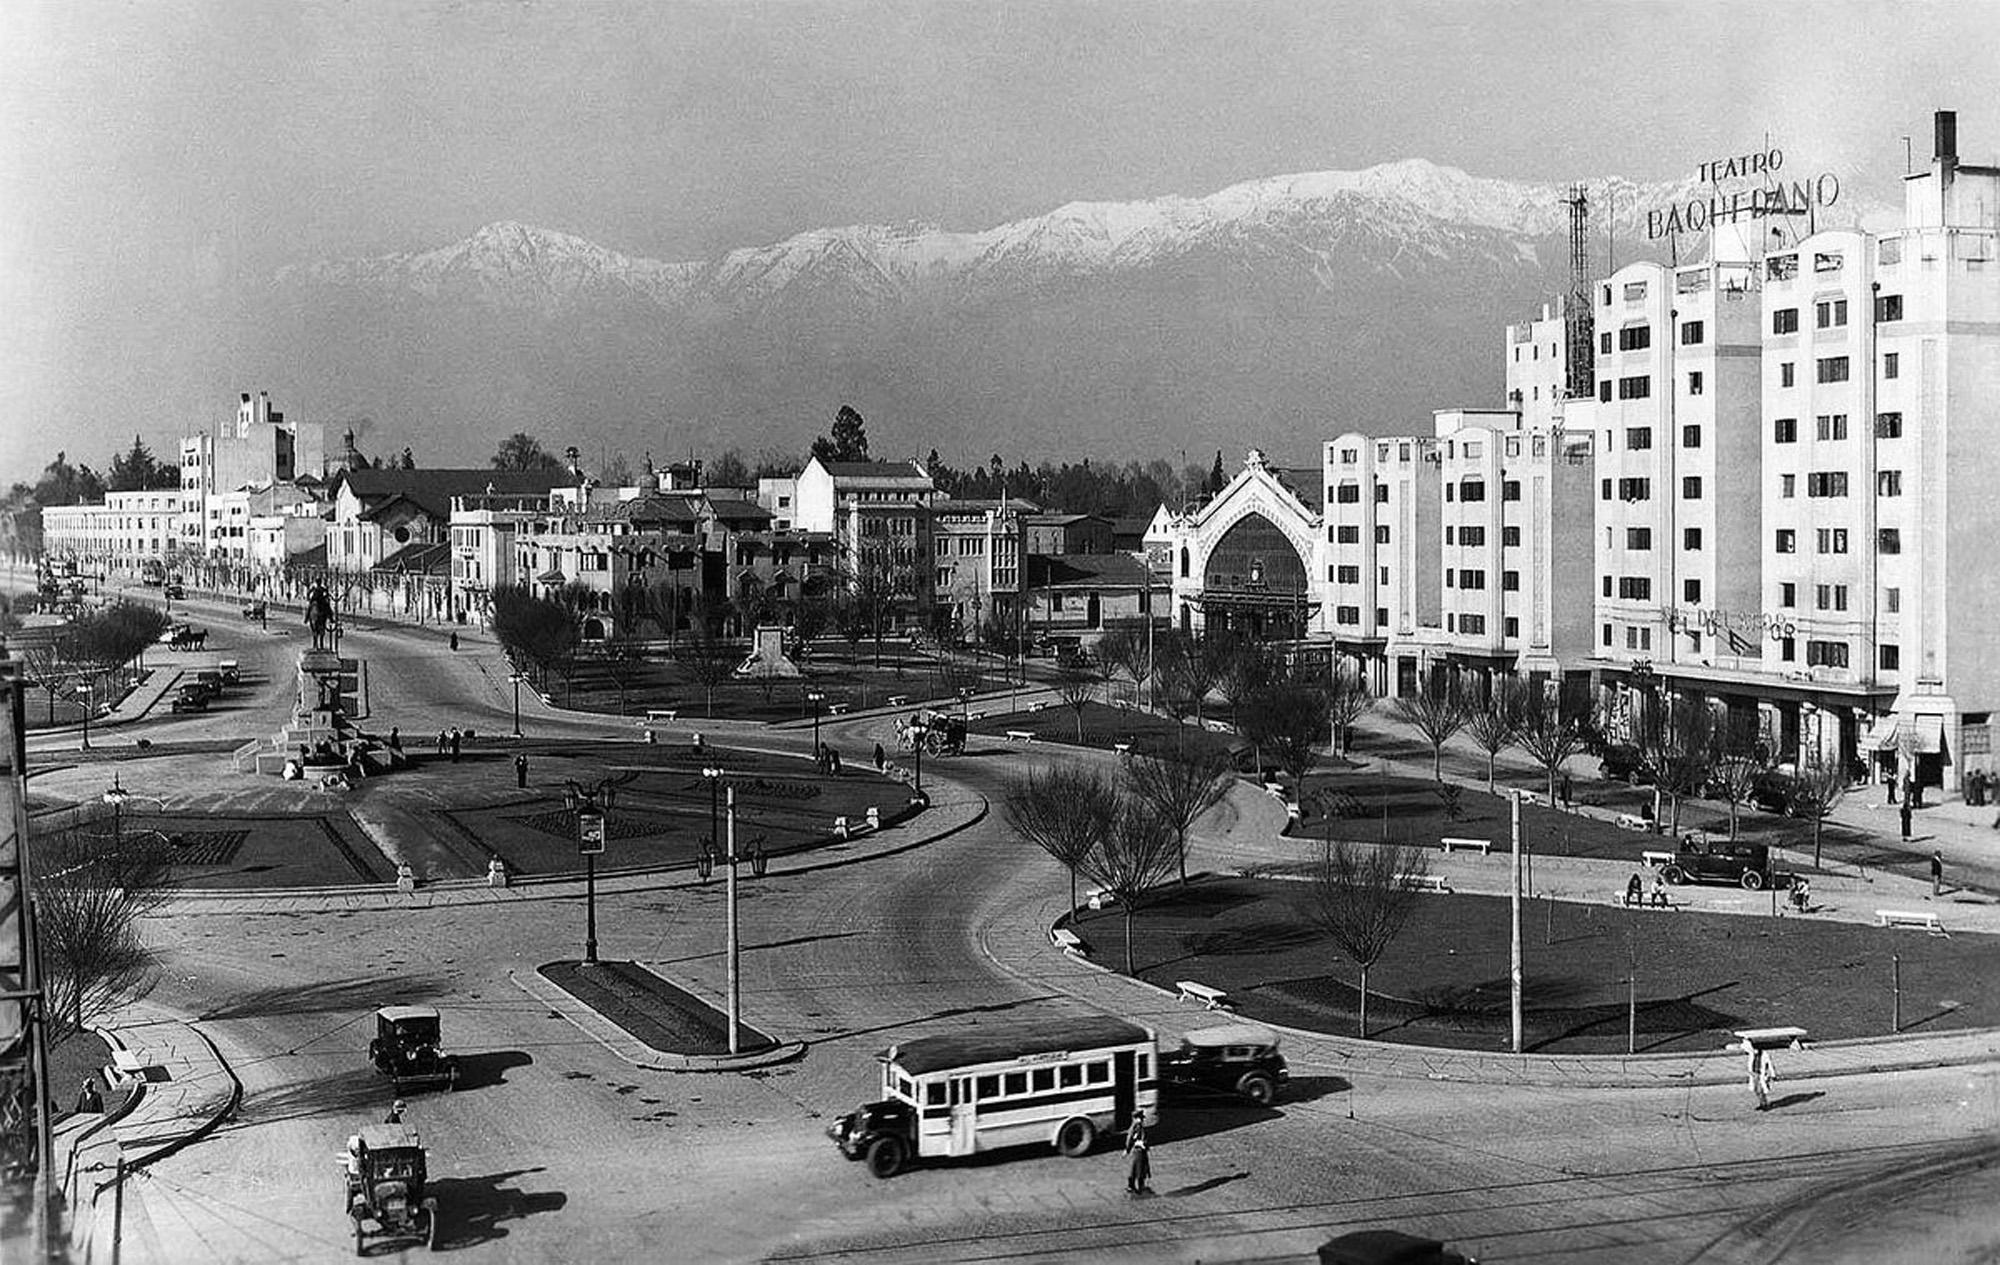 Enterreno - Fotos históricas de chile - fotos antiguas de Chile - Plaza Italia de Santiago, 1935